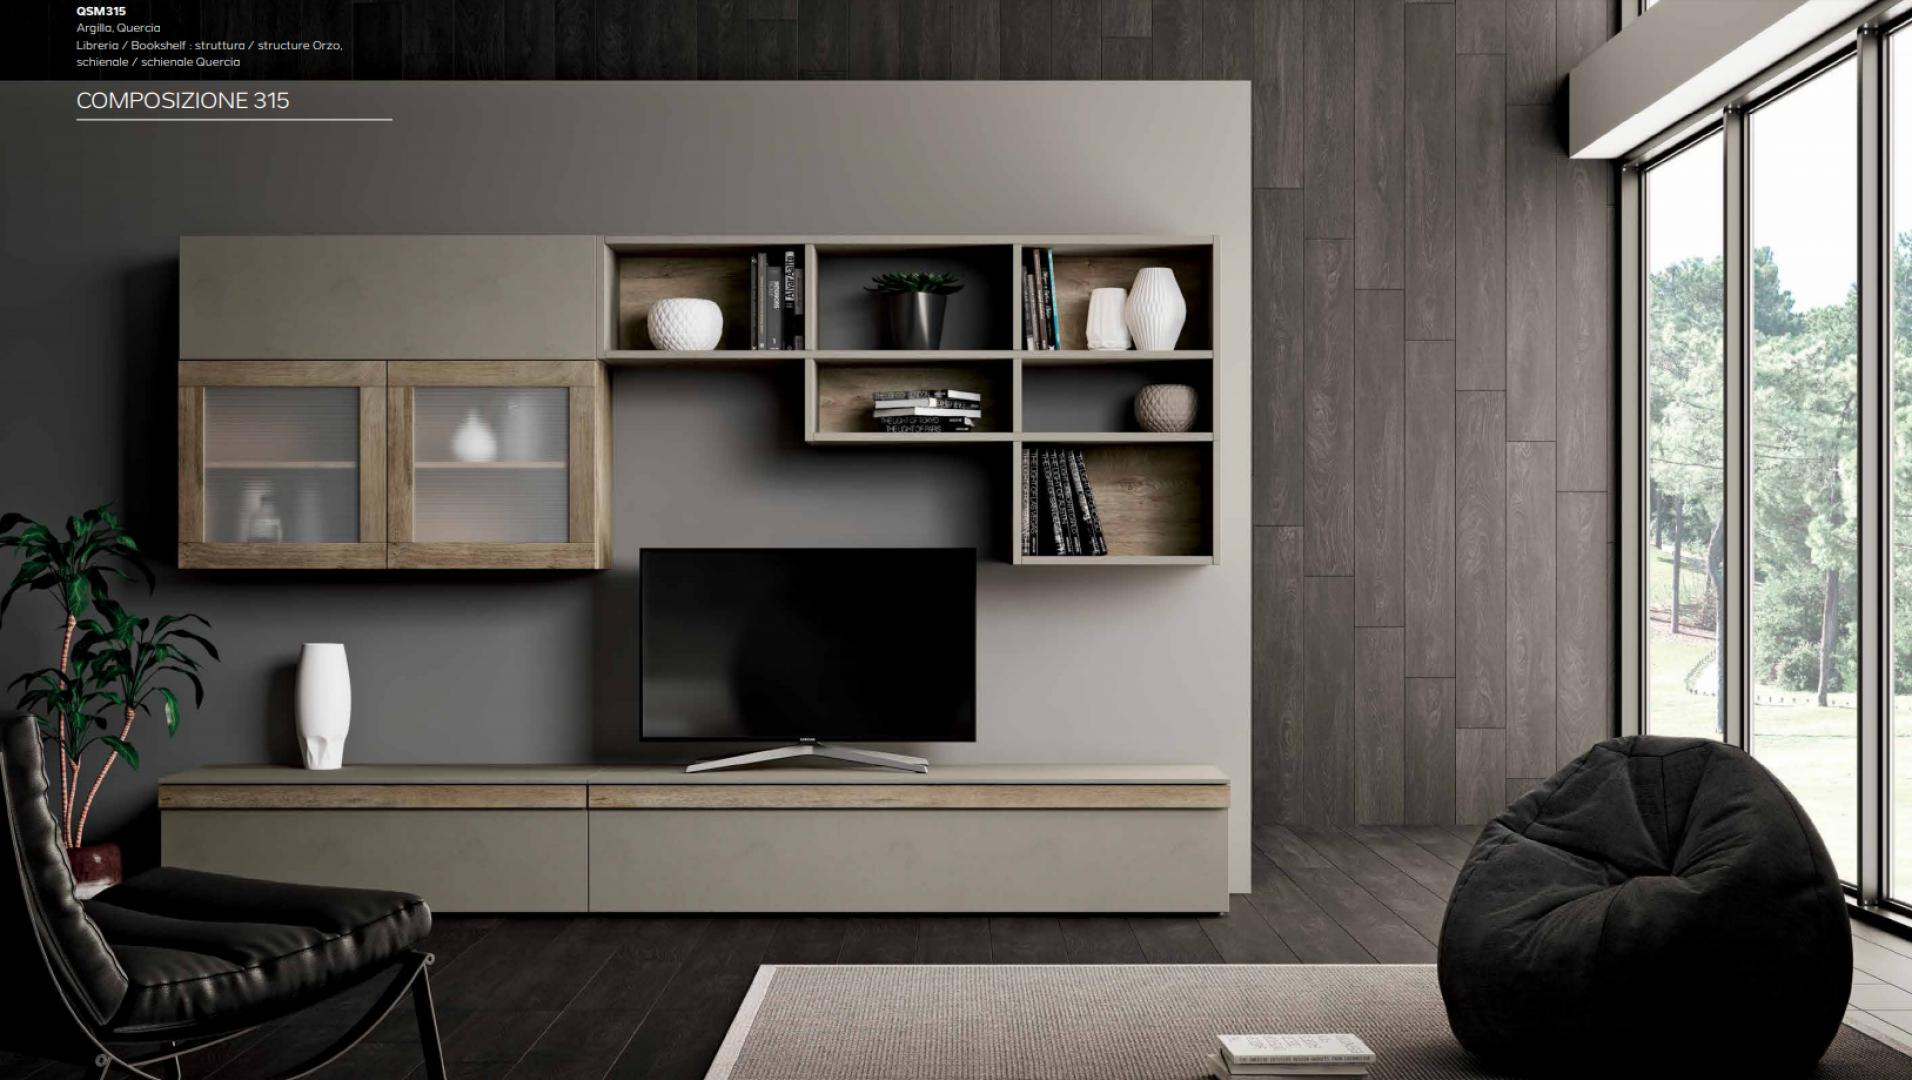 Parete Soggiorno Moderno Porta TV Mito 4.0 Imab - Comp.315 € 1390.00 ...